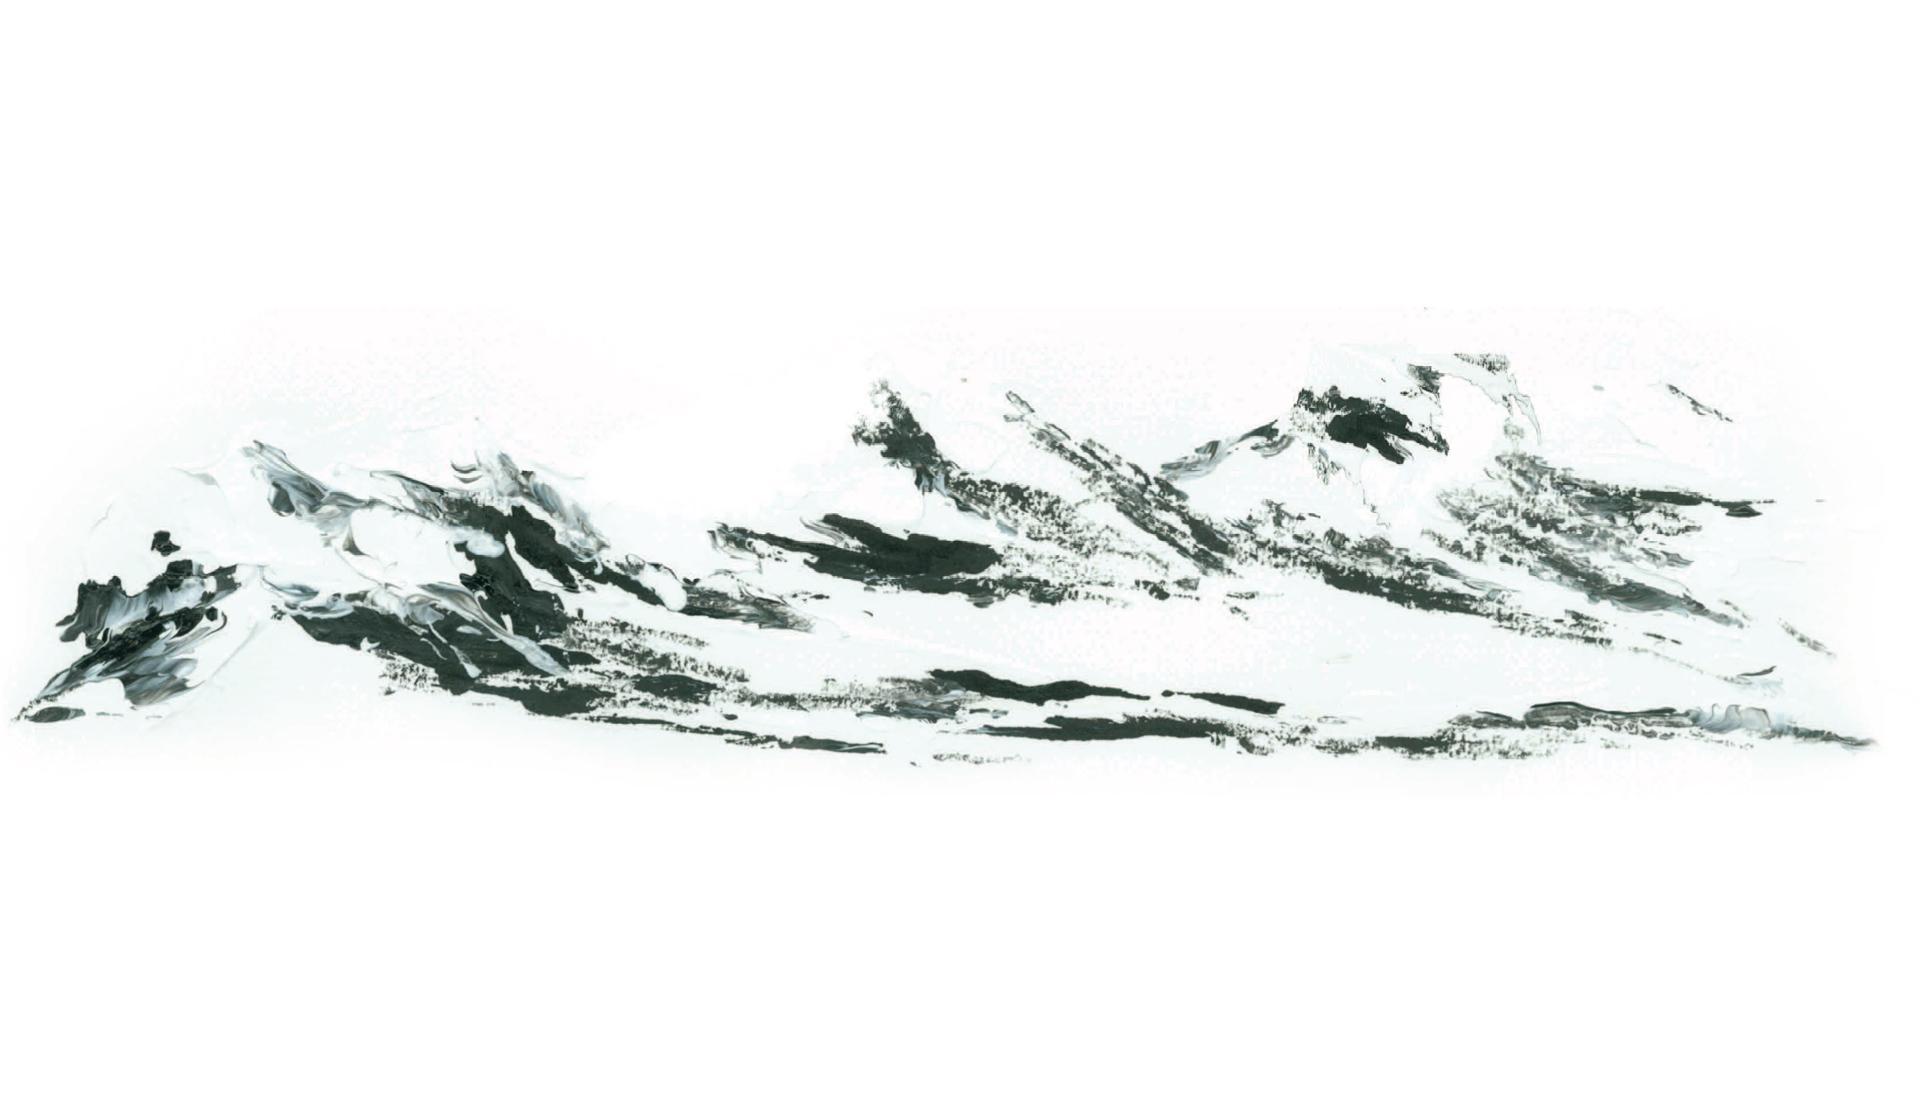 Dessin basalte noir Grand Site Salagou Mourèze Cirque de Mourèze Plateau du Grand Site © G.Bouquet